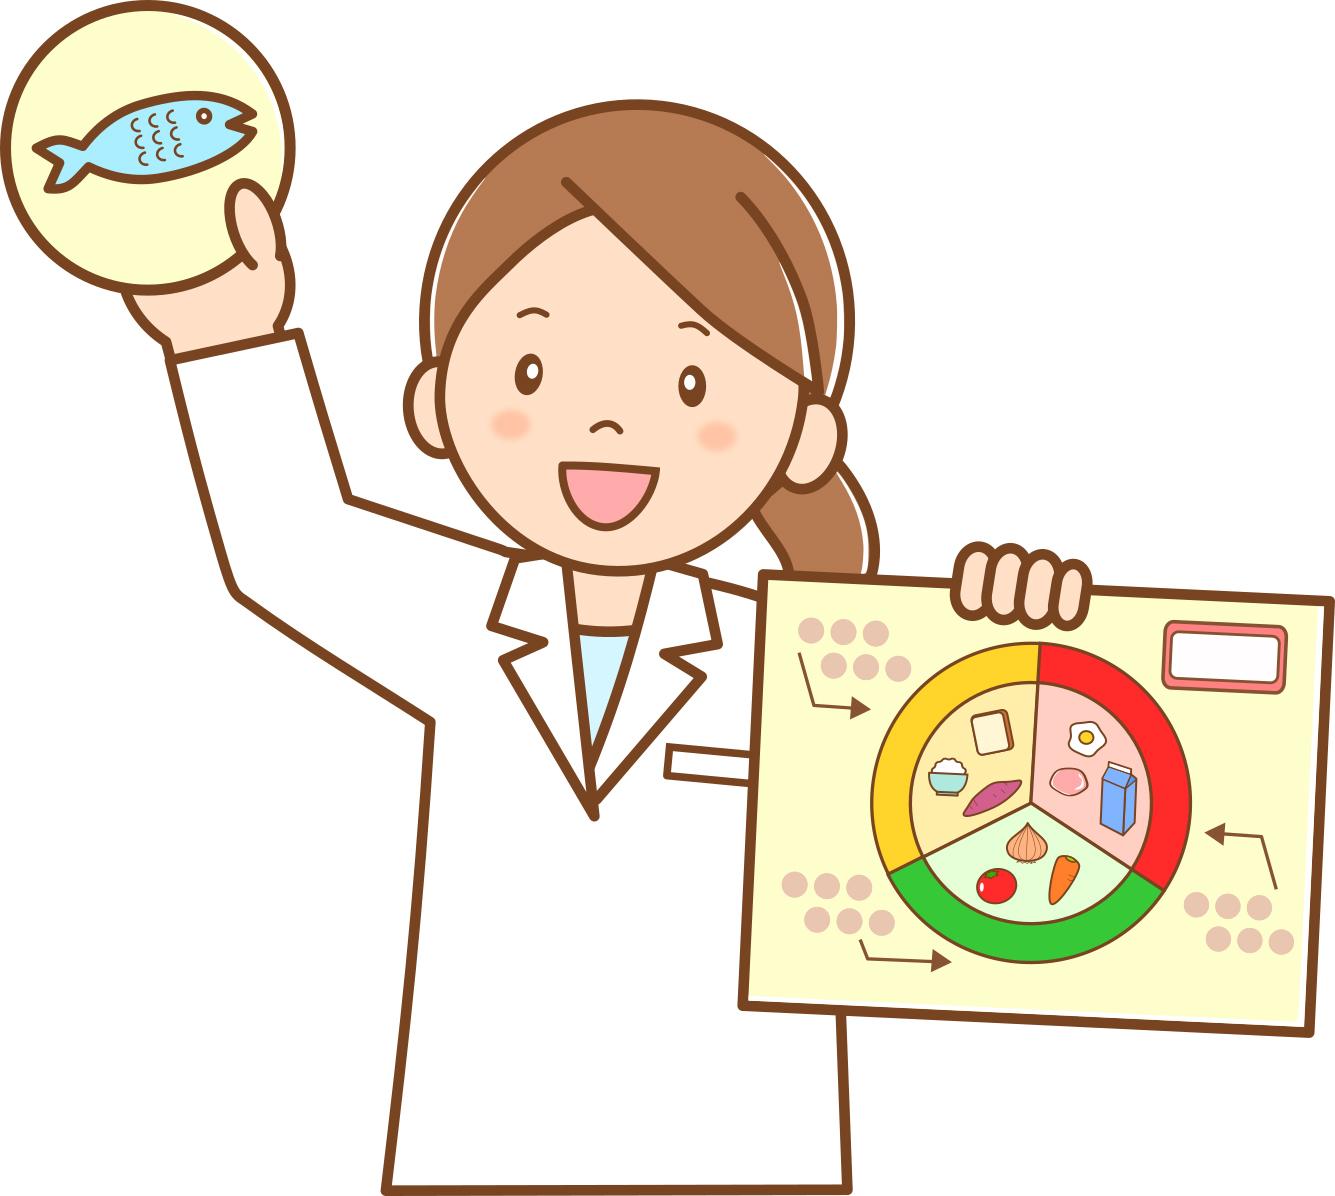 病院の栄養管理指導により痛風を改善させた事例